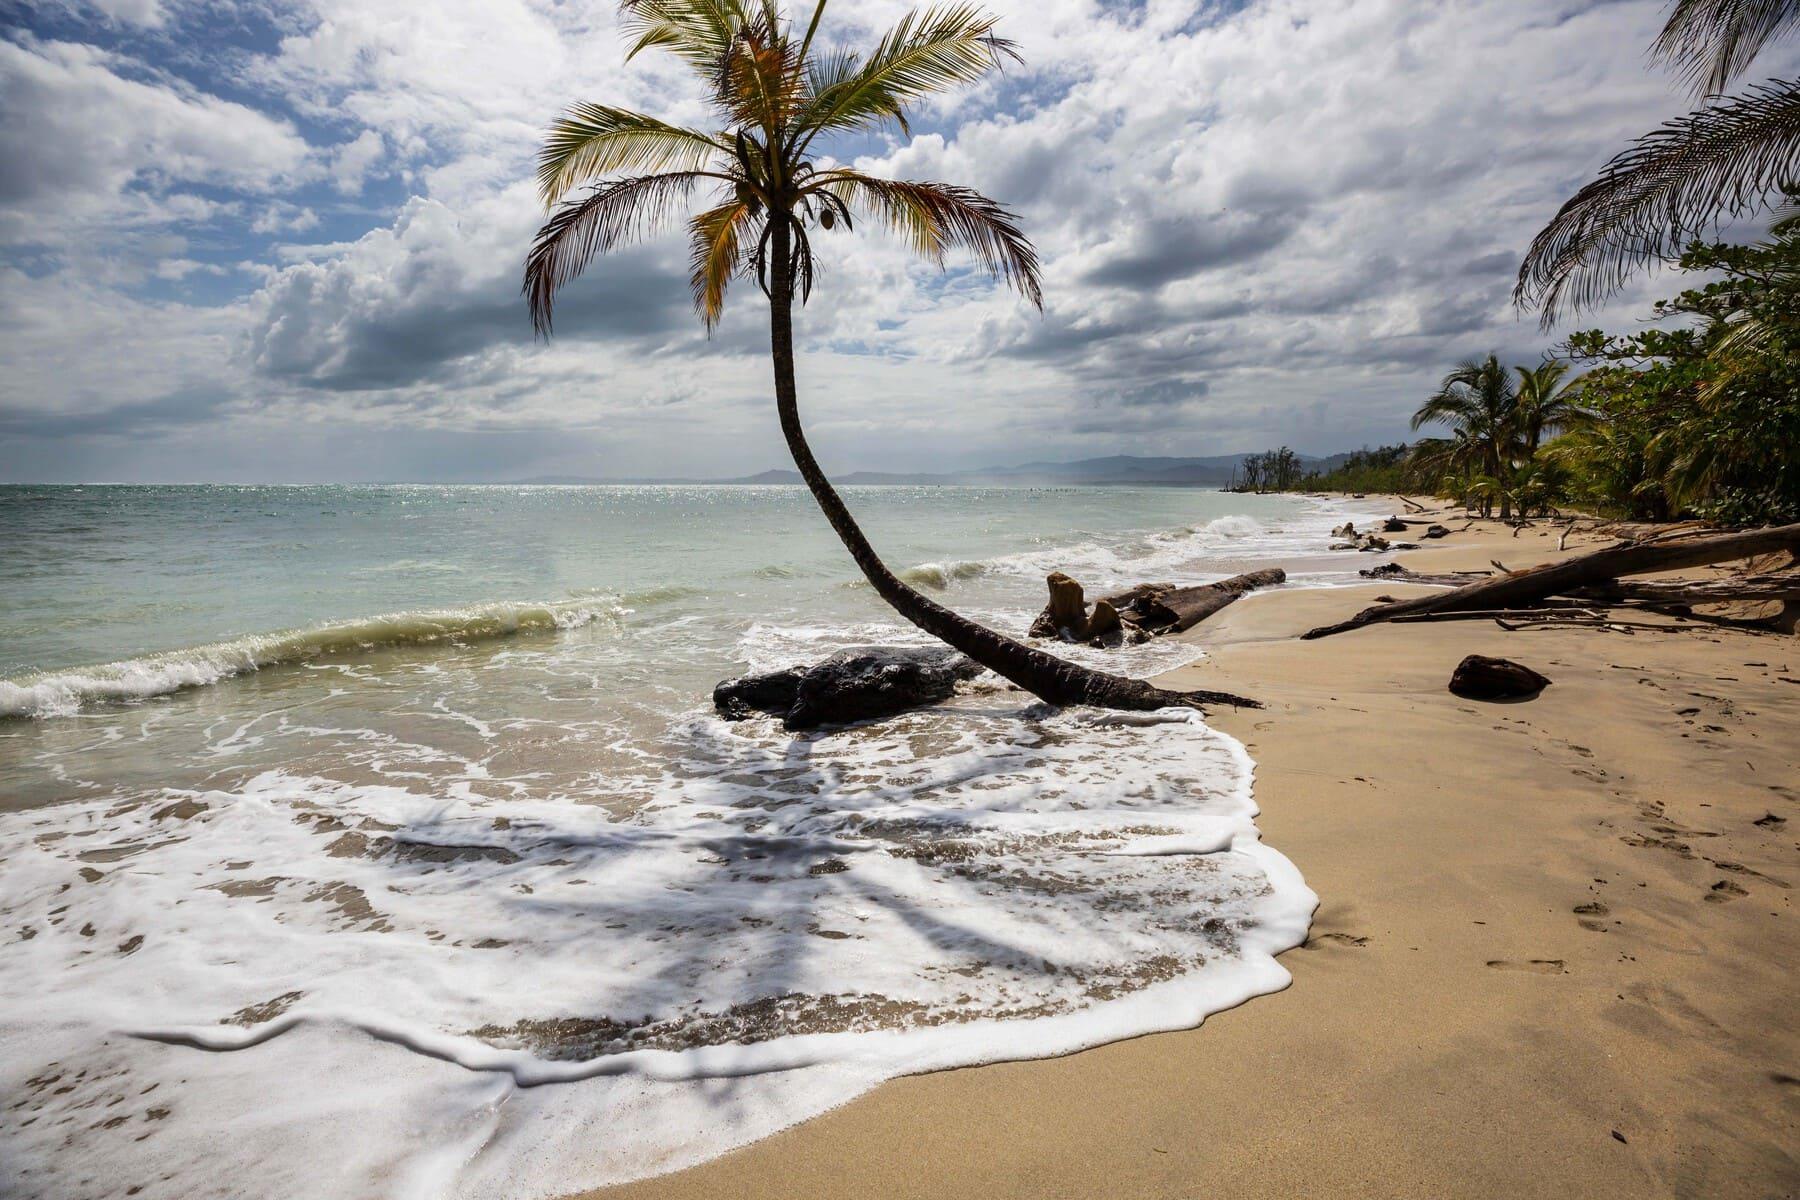 Radermacher Reisen - Strand mit Palme - Costa Rica